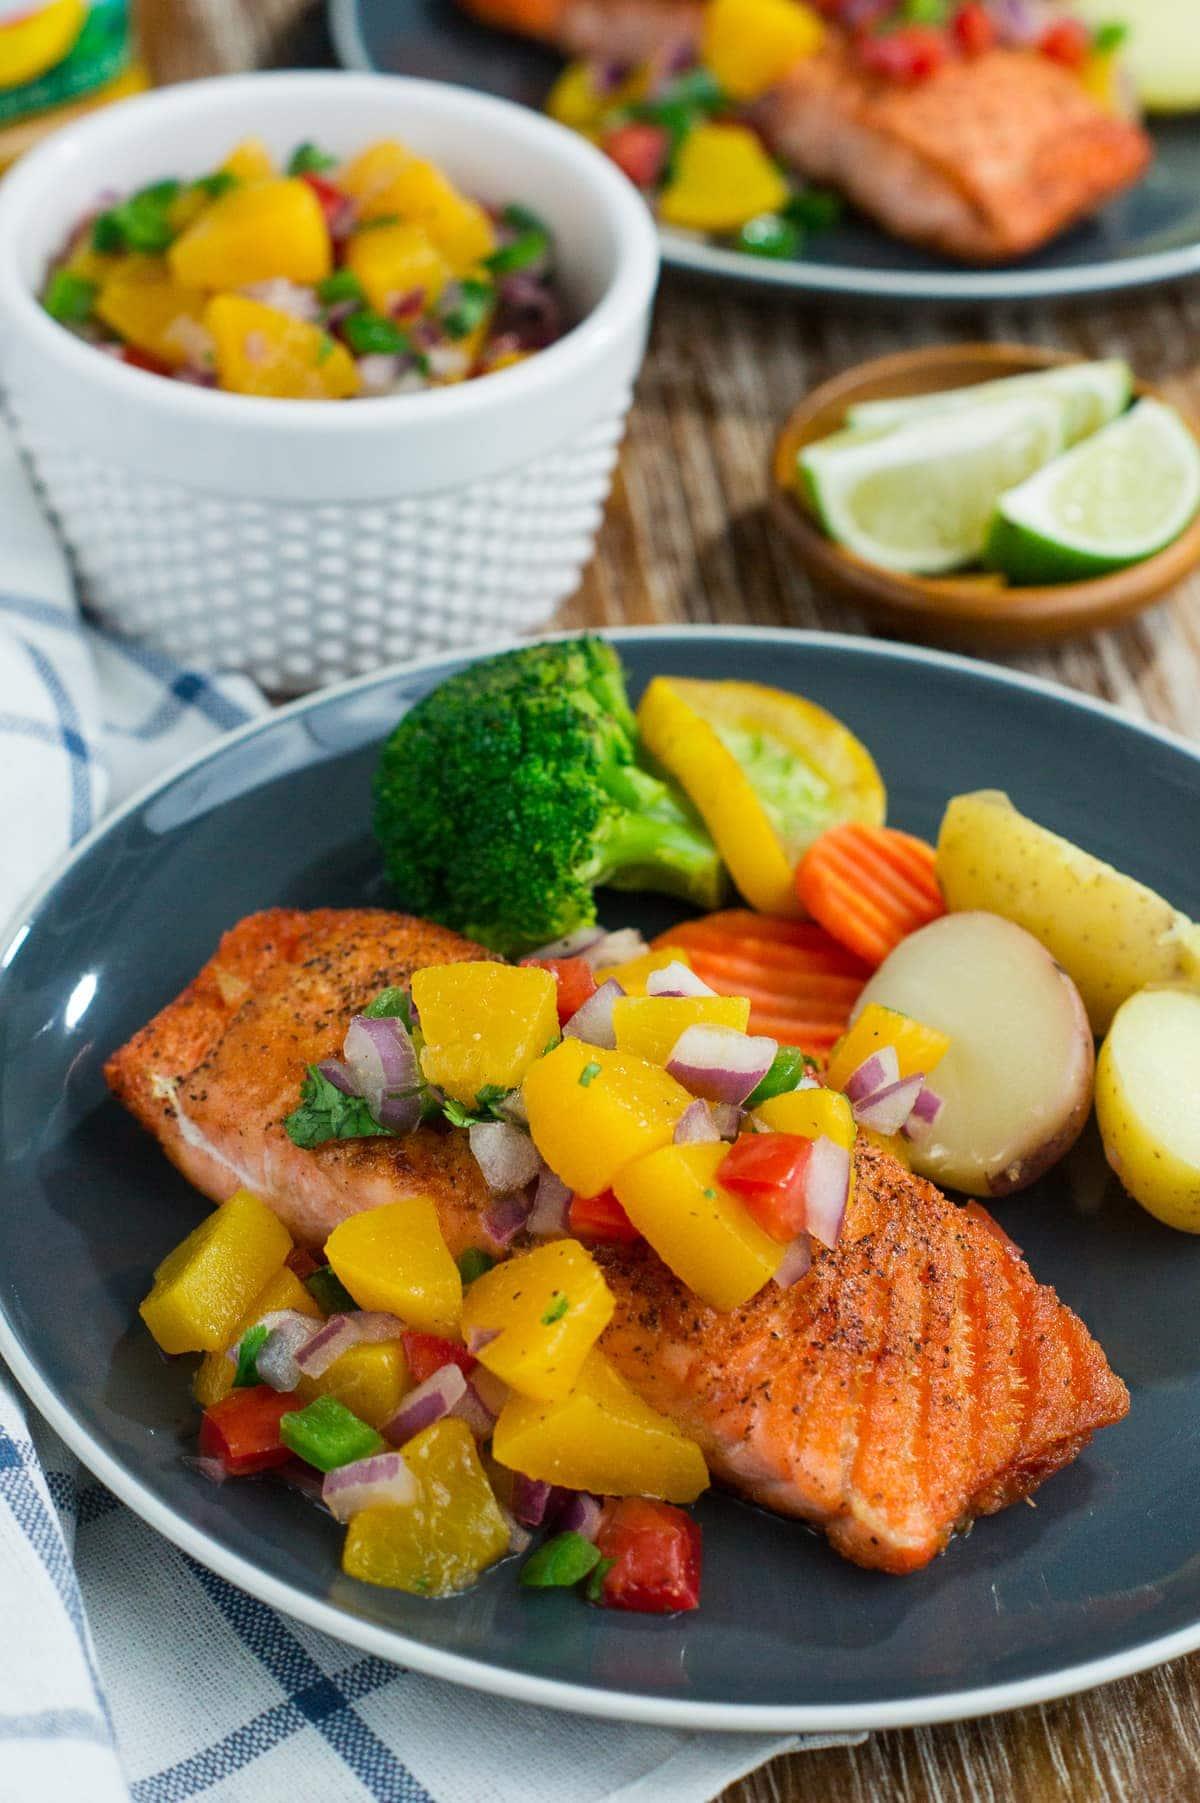 como preparar salmon en salsa de maracuya